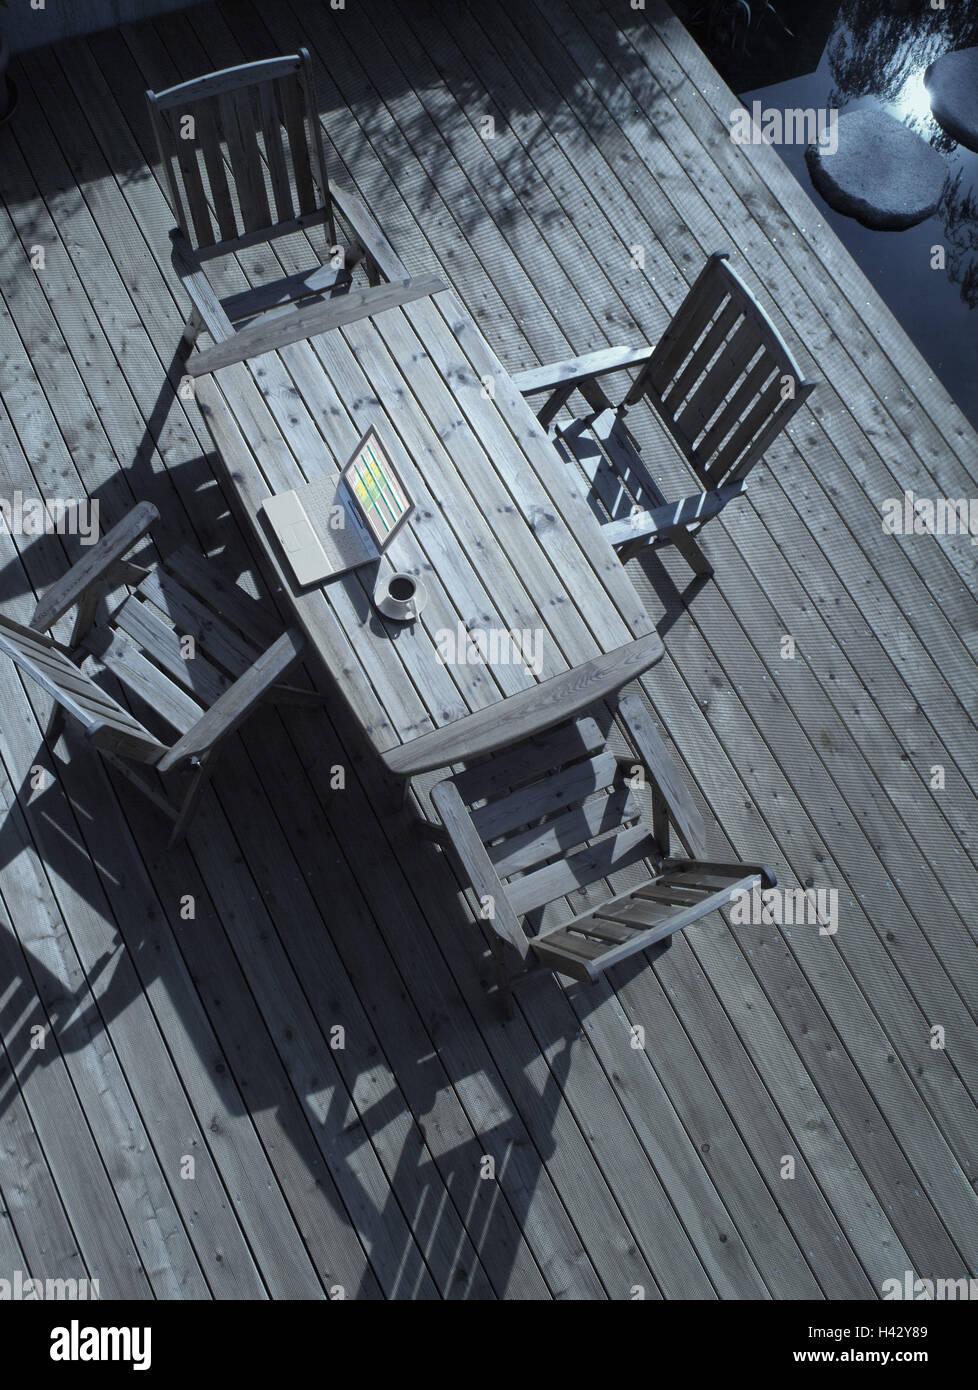 Terrasse Holzboden Stühle Tisch Notebook Computer Kaffeetasse